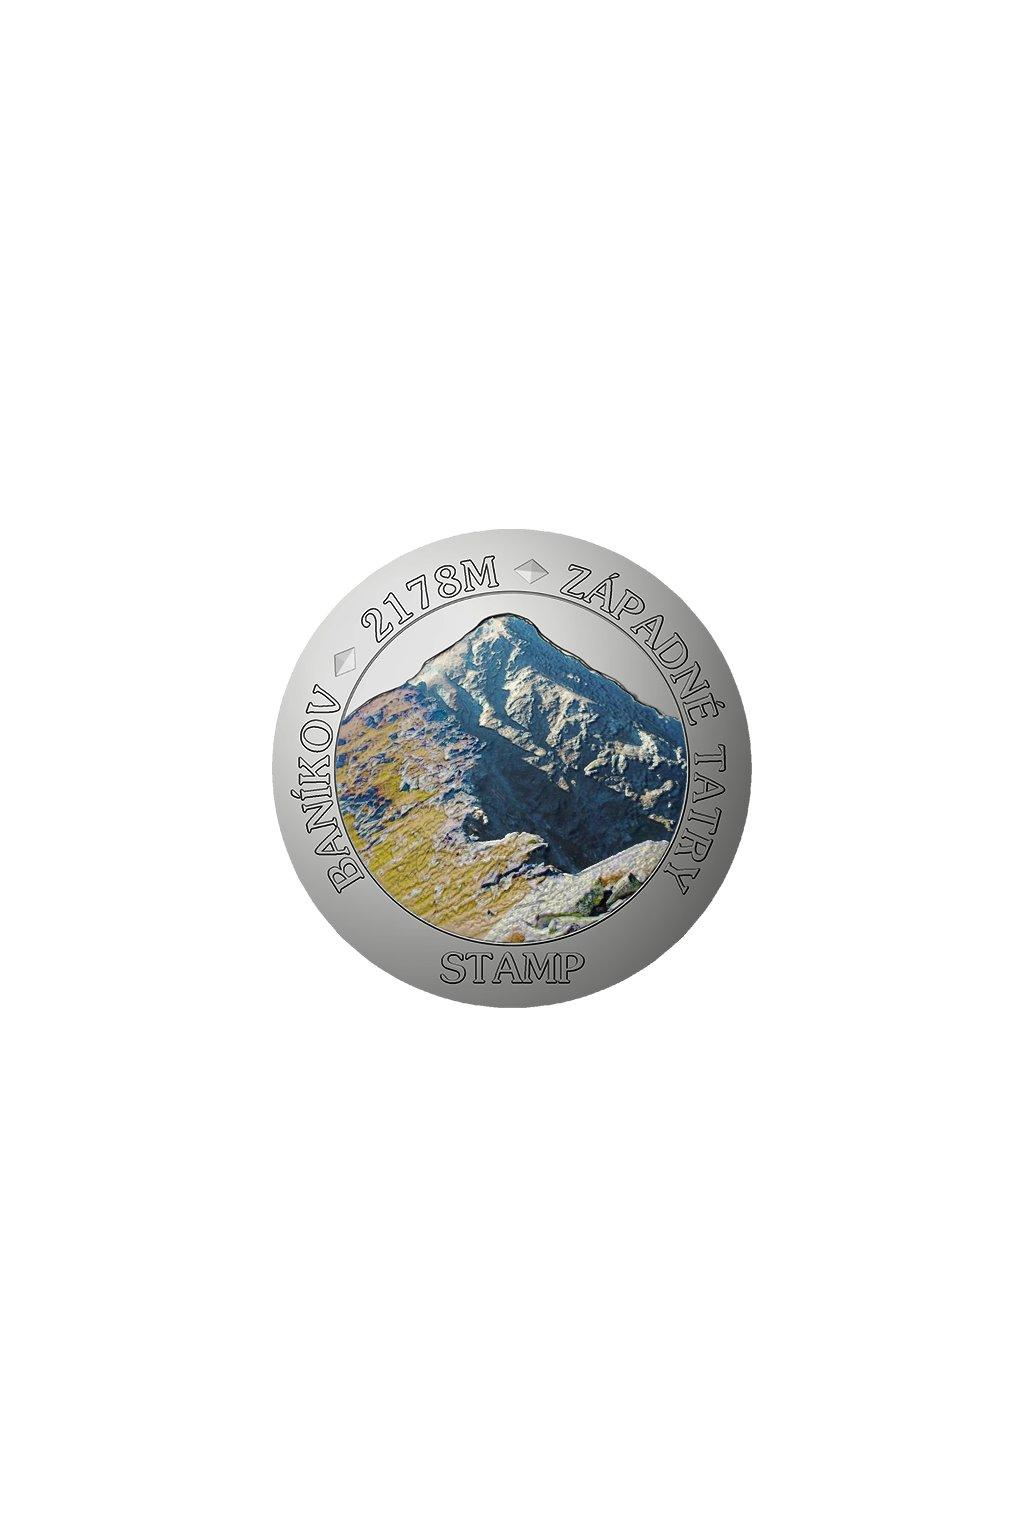 stamp sk banikov